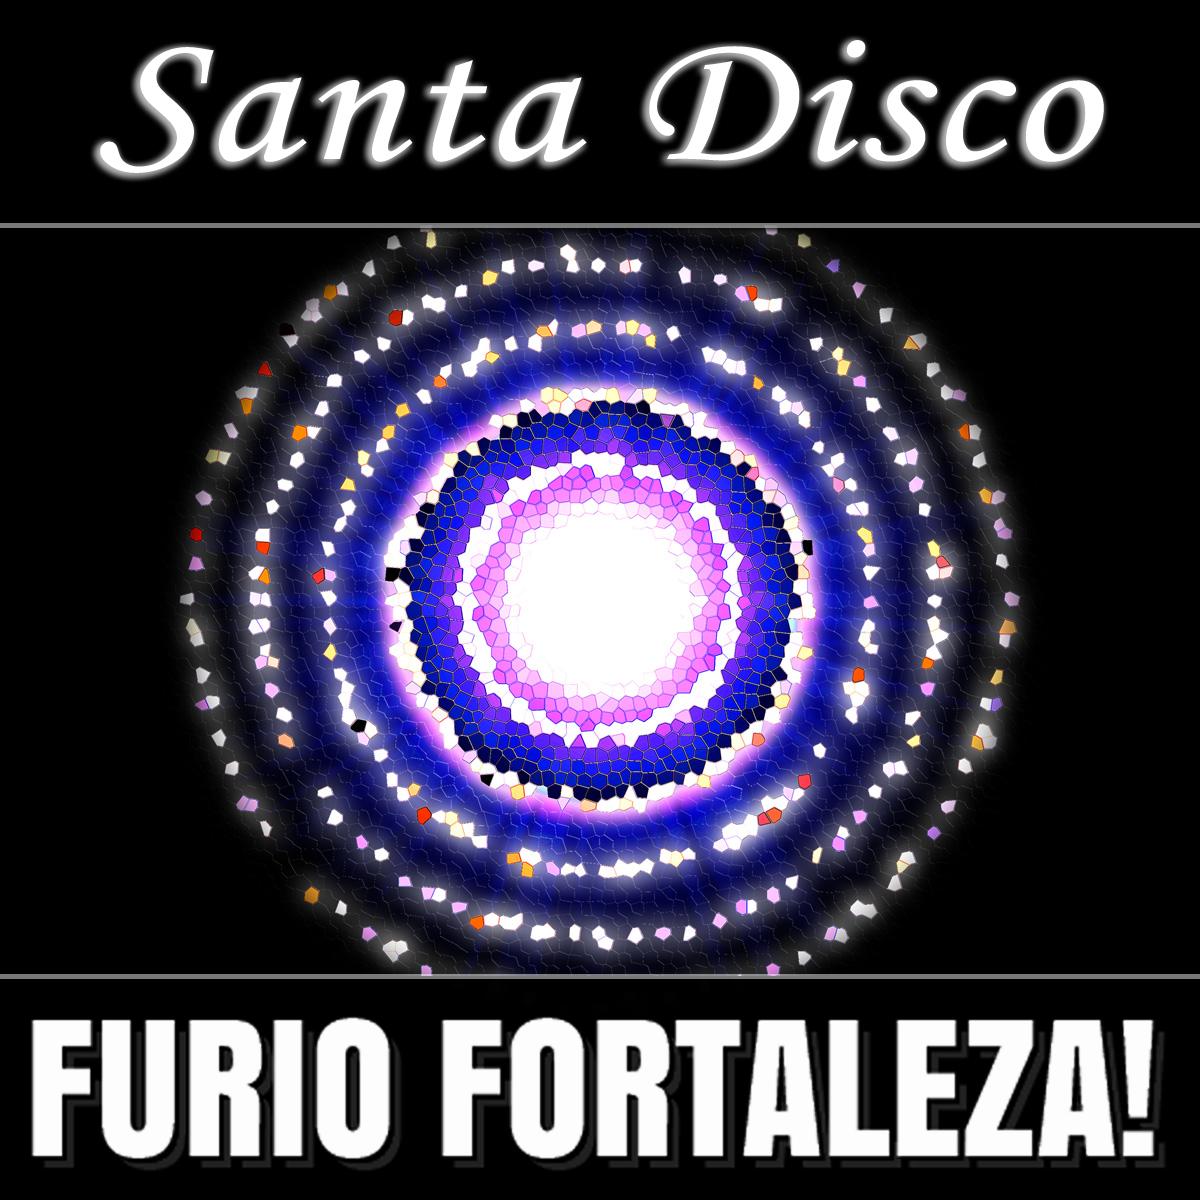 Furio Fortaleza! - 4.5 - Santa Disco